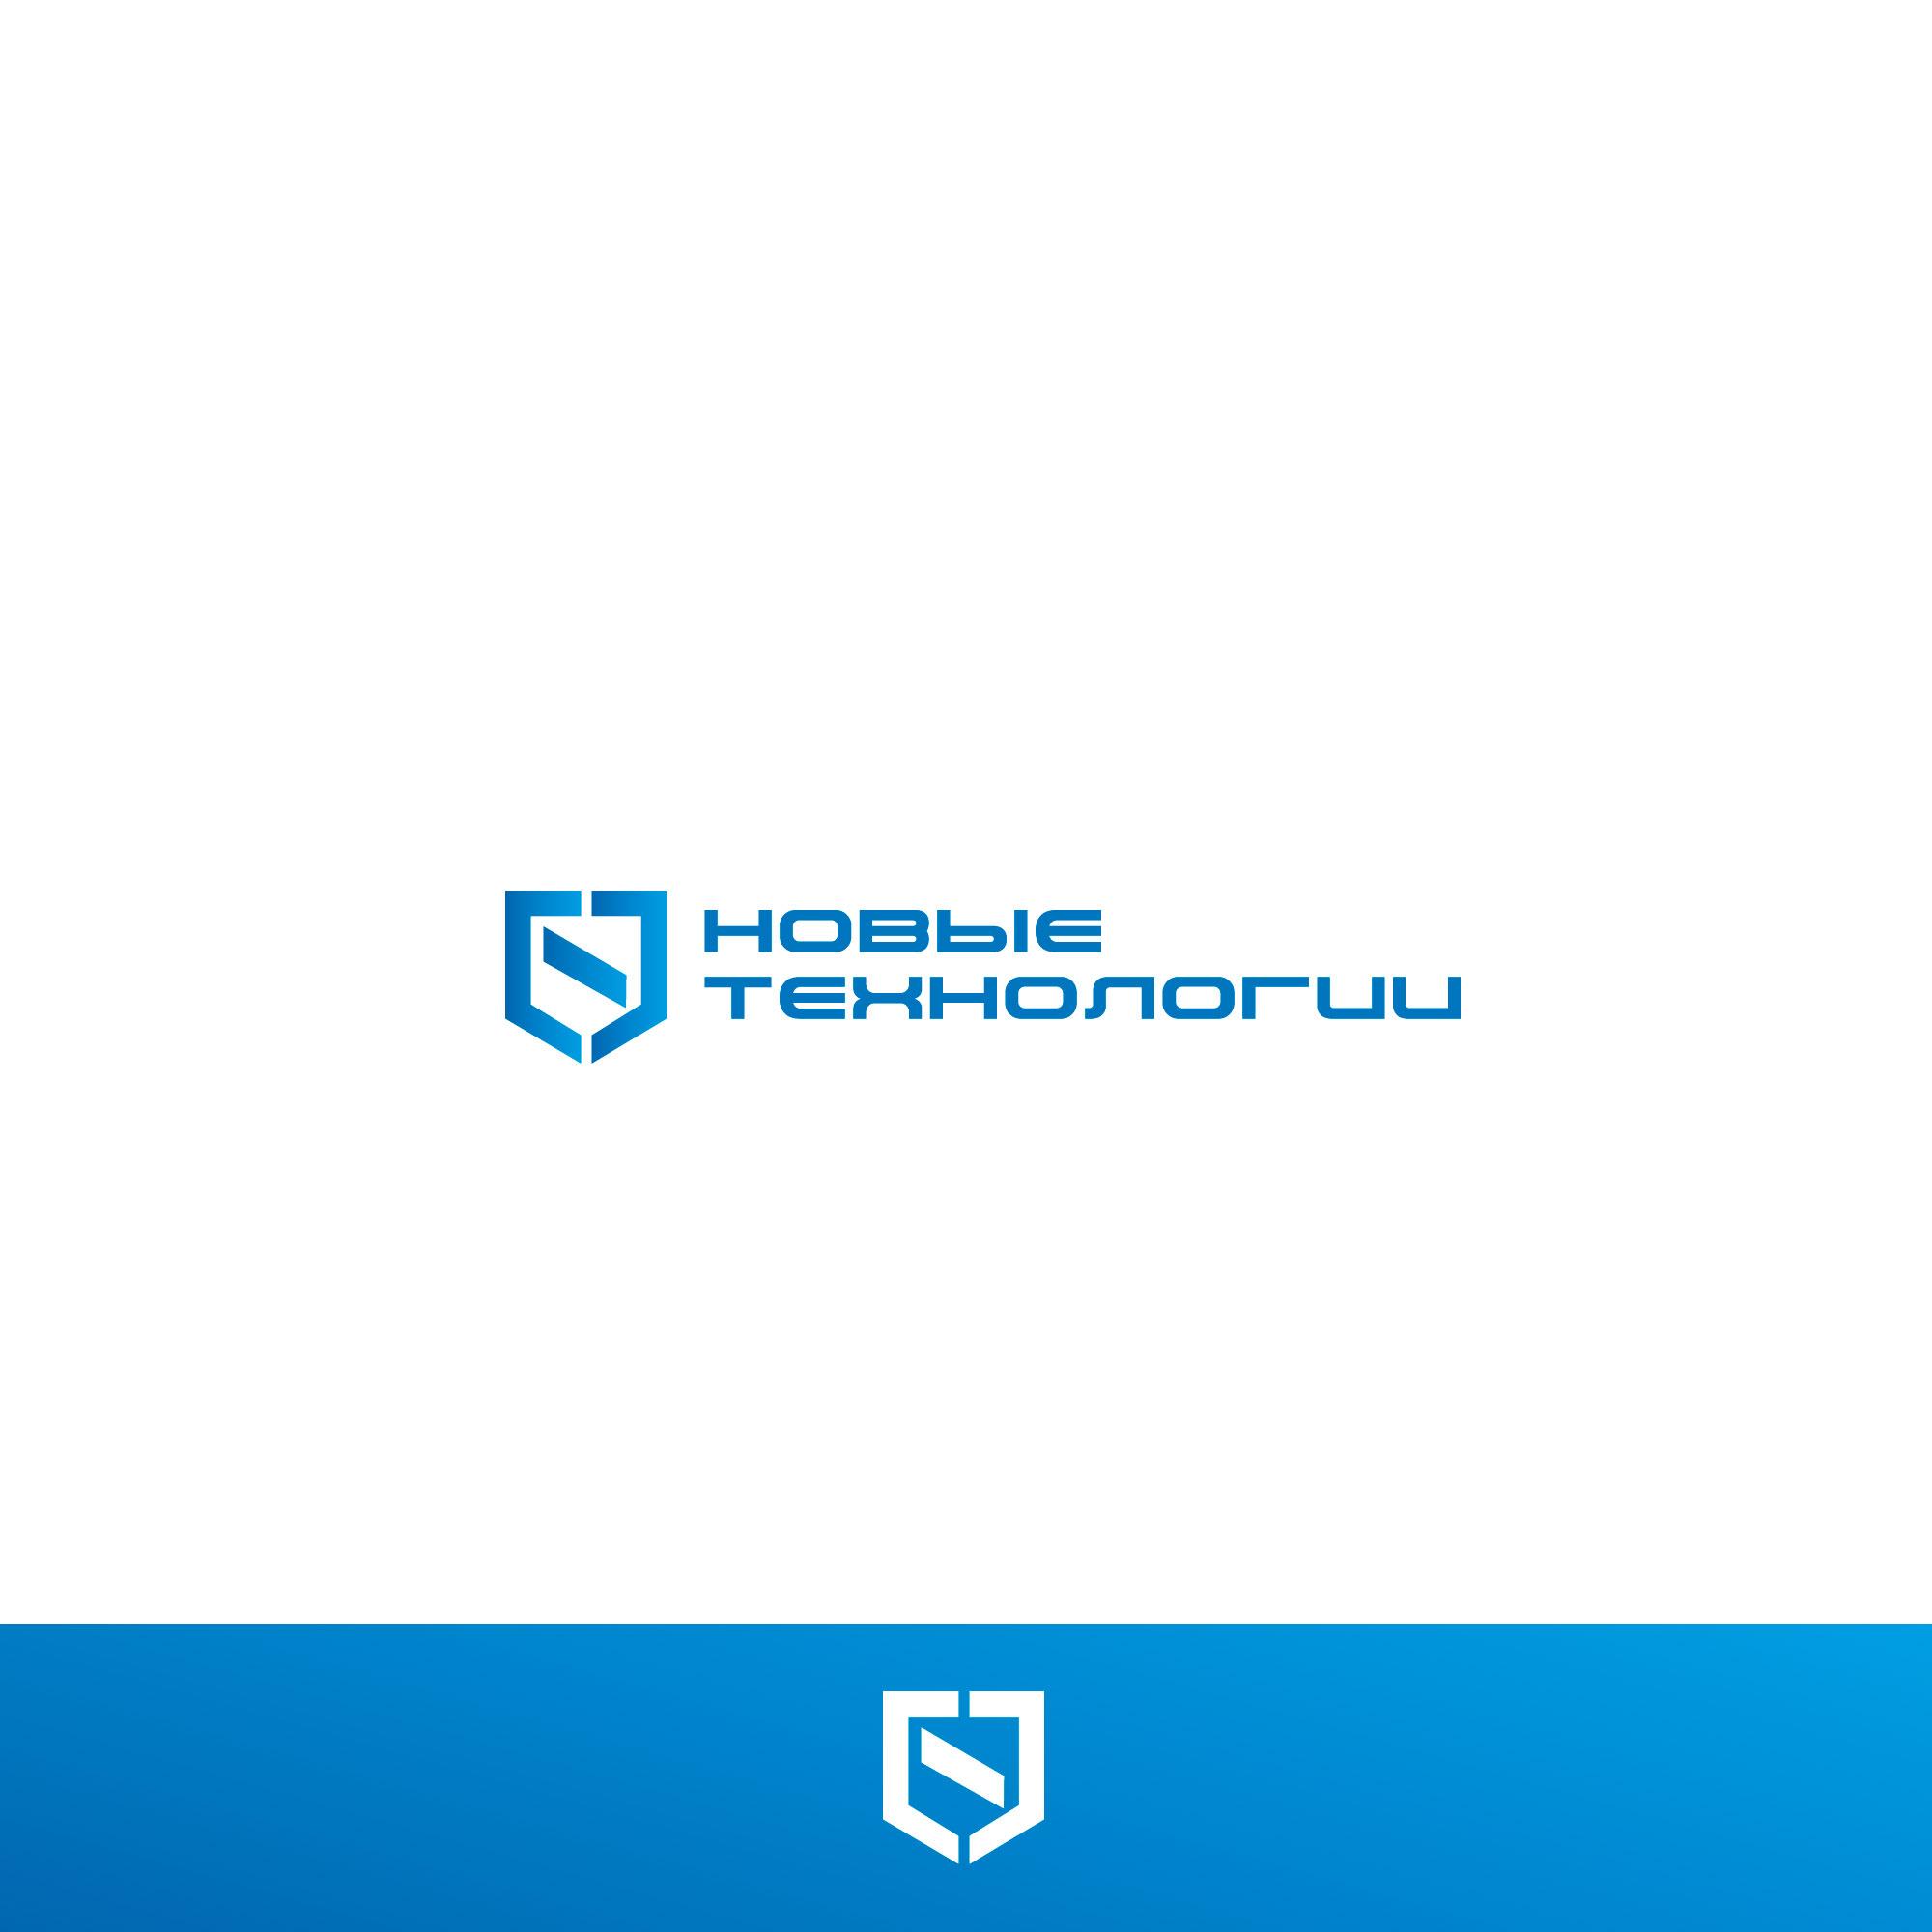 Разработка логотипа и фирменного стиля фото f_9585e6f82f0717c5.jpg